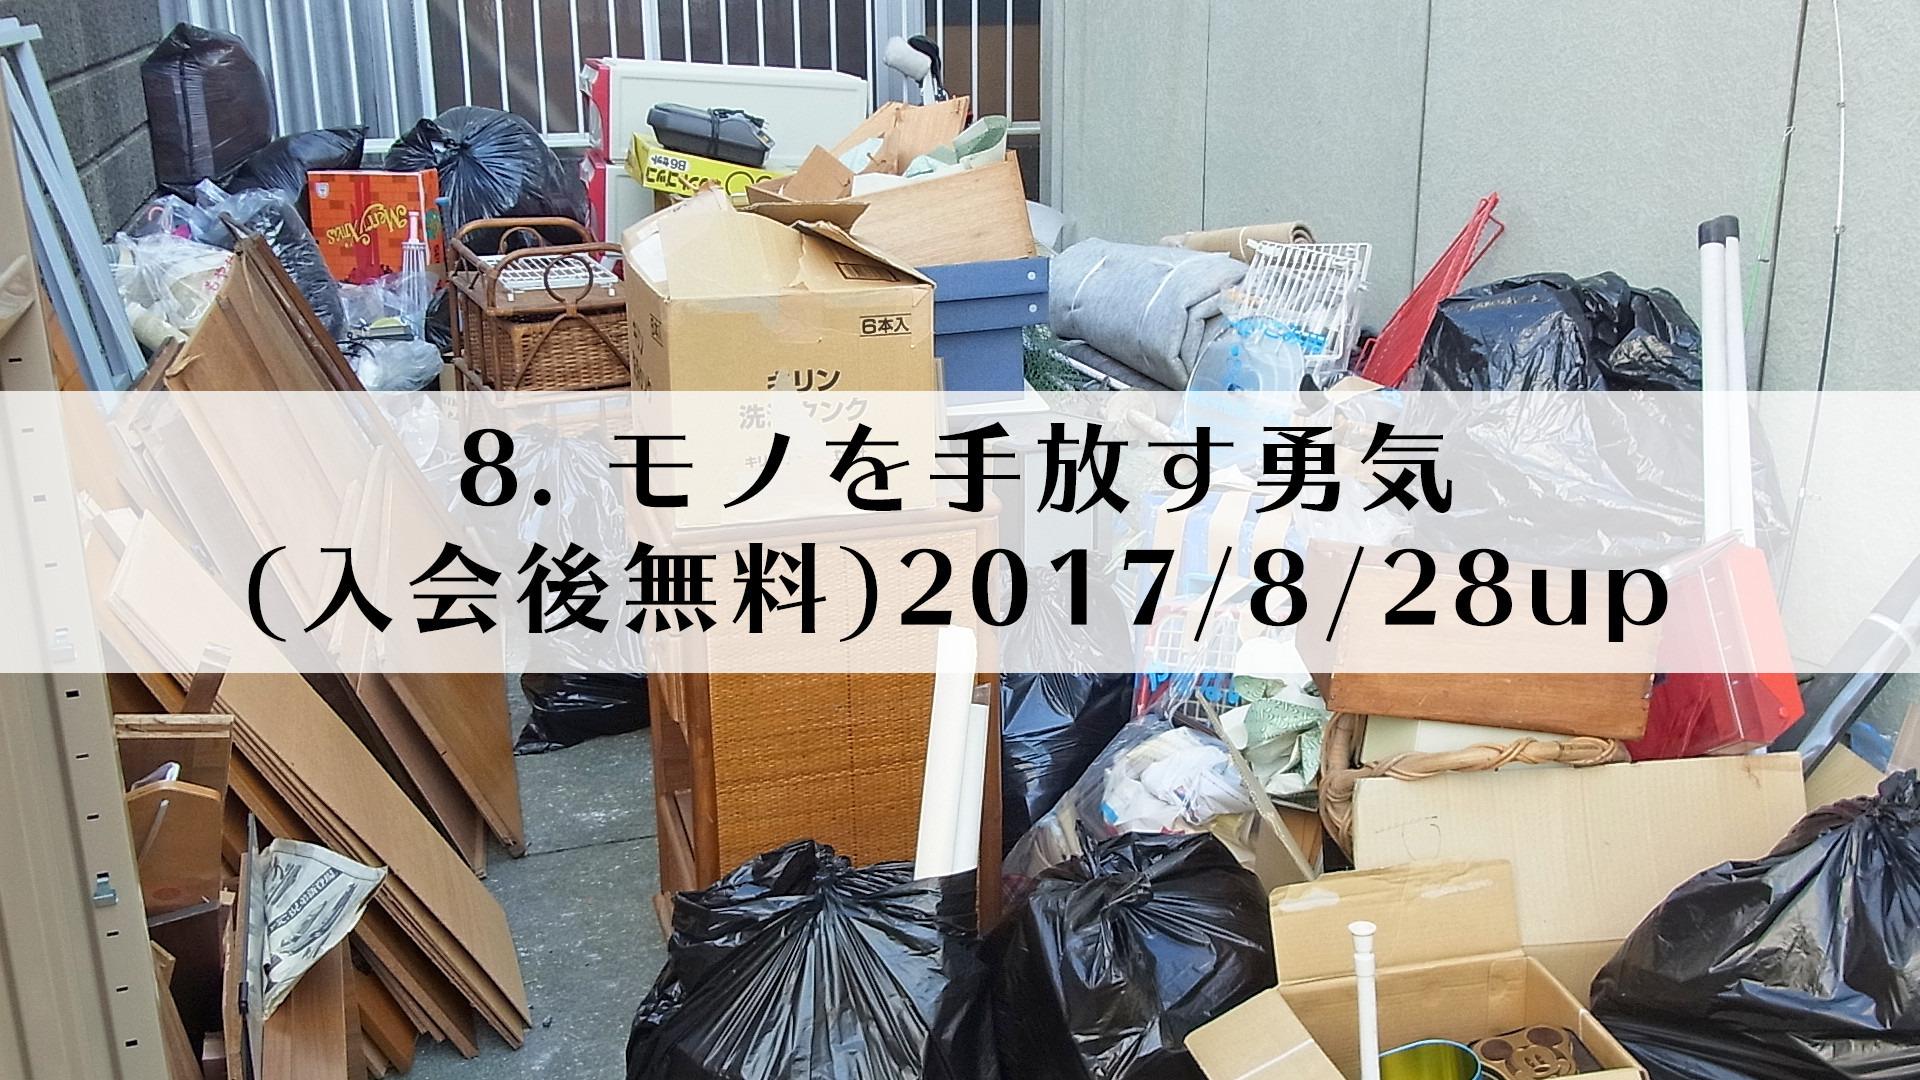 8.モノを手放す勇気(入会後無料)2017/8/28up